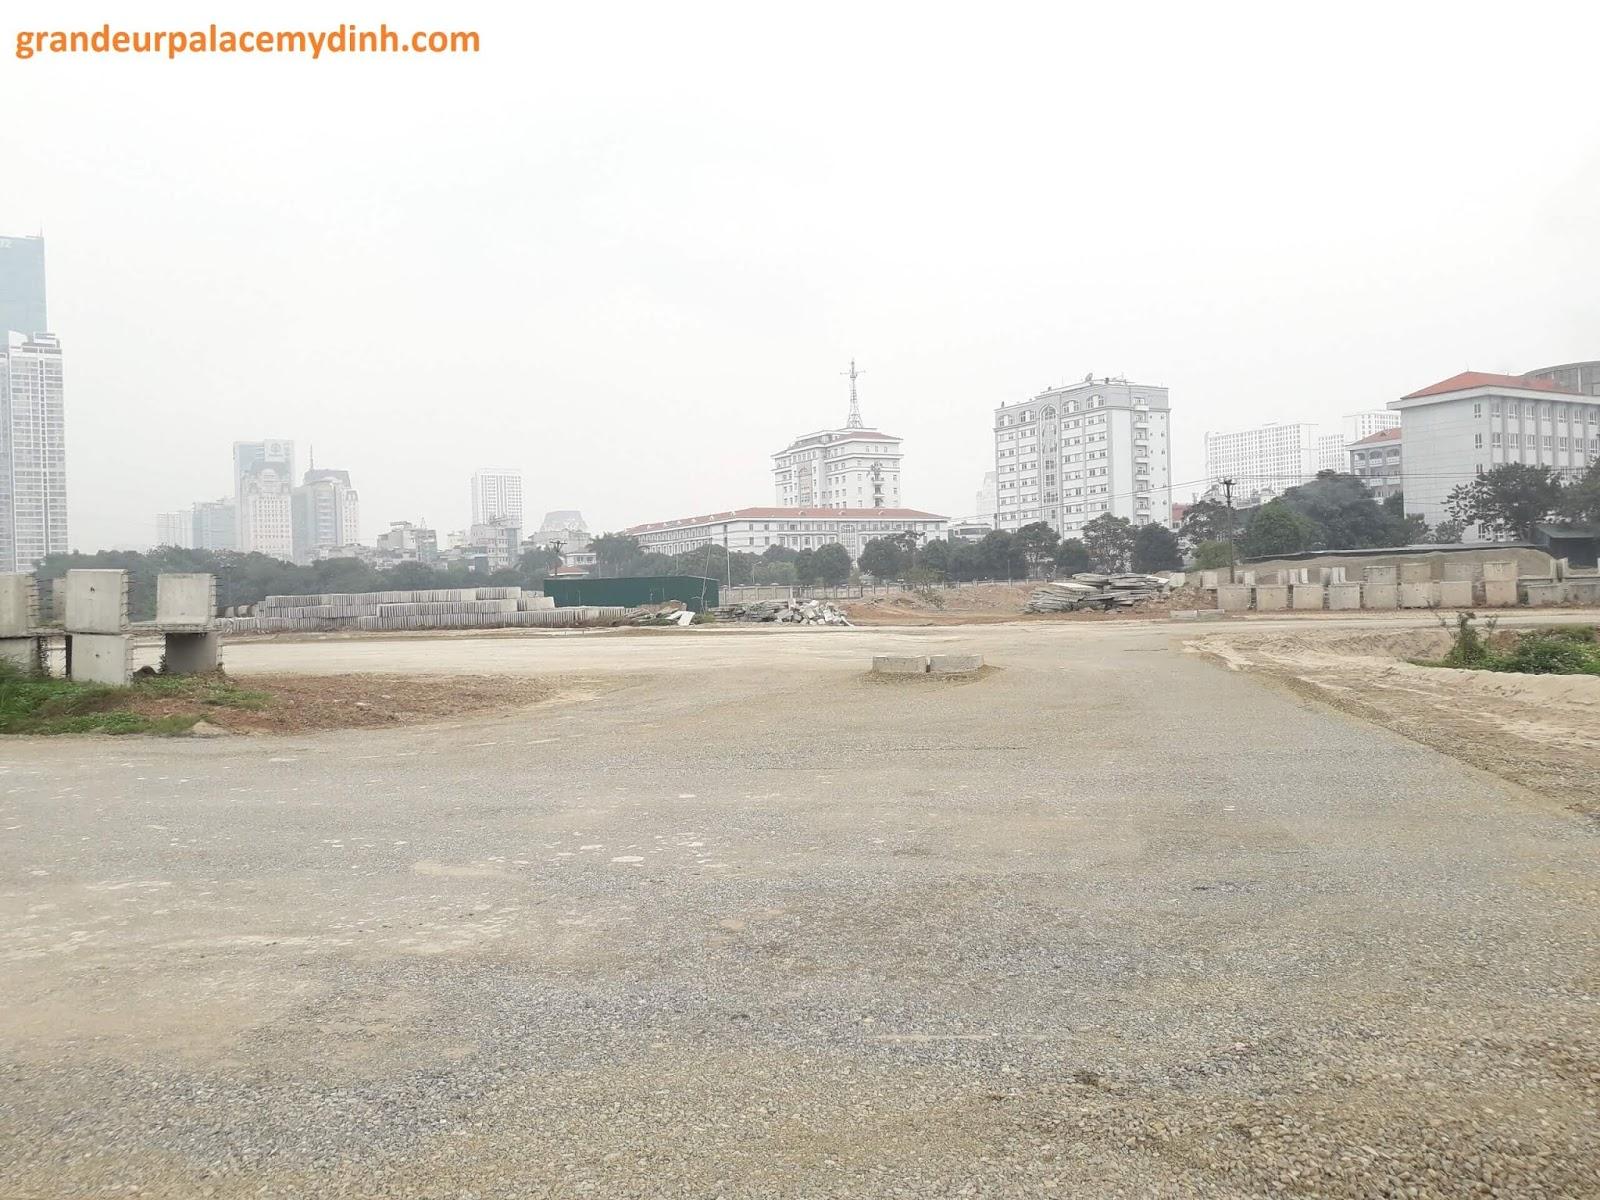 Tốc độ đường Trần Hữu Dực - Phạm Hùng đang rất nhanh.